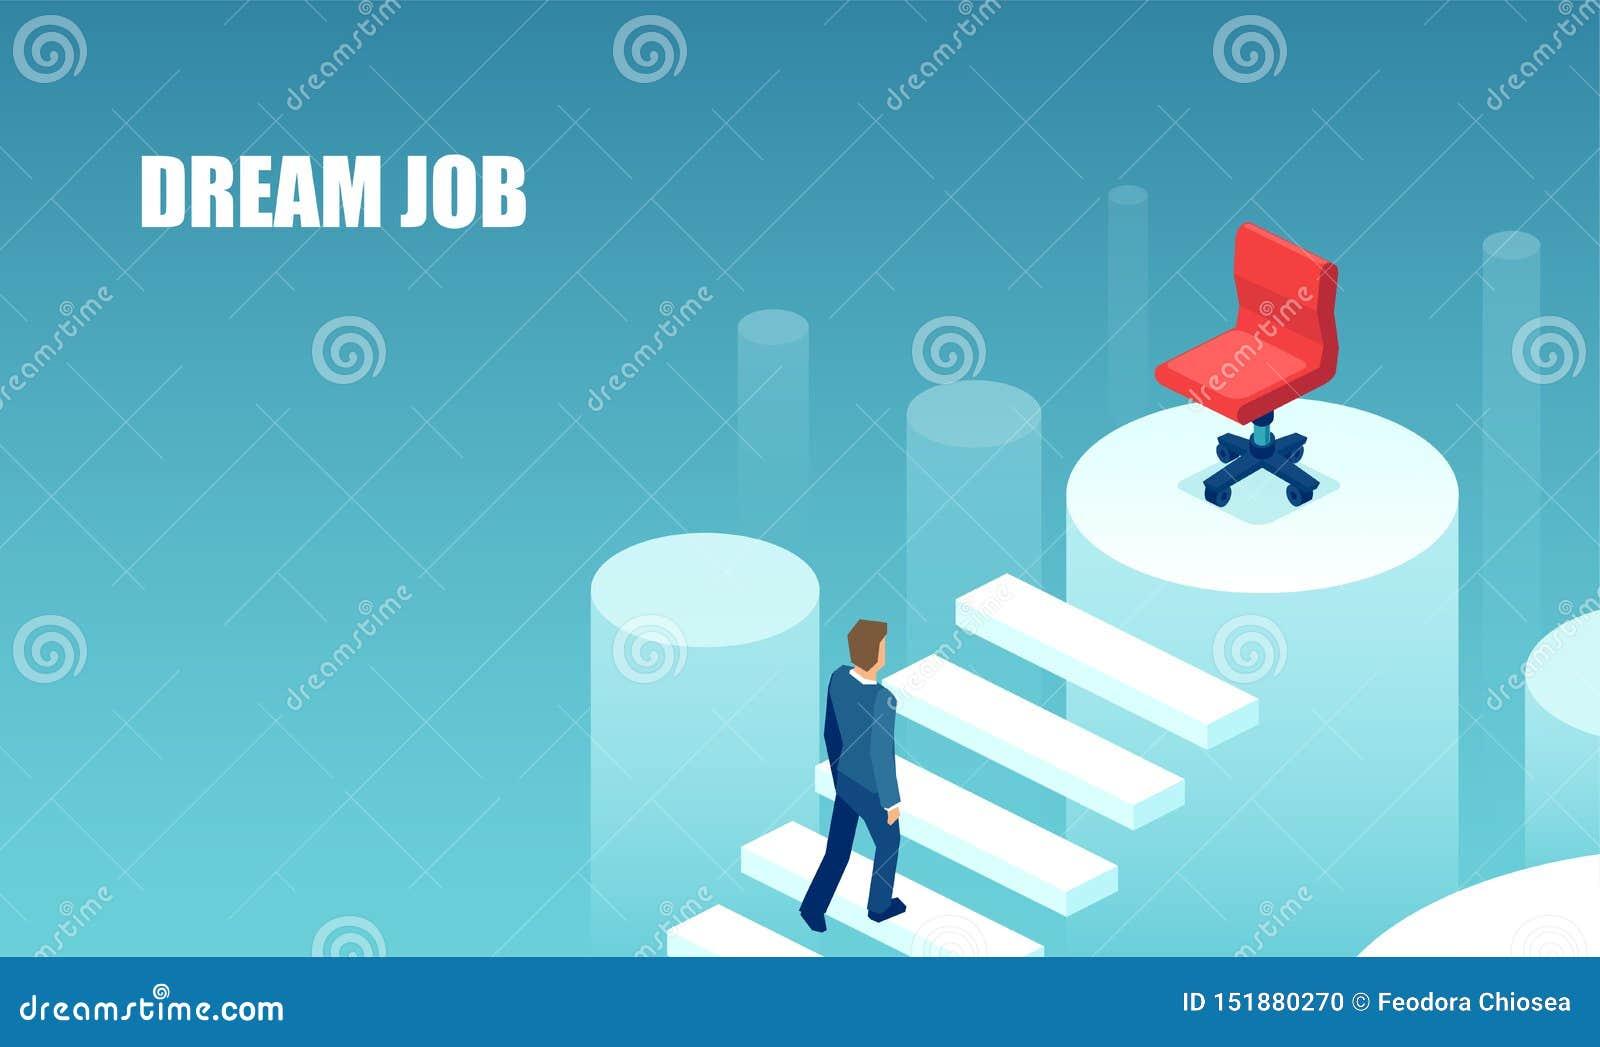 Vector de un hombre de negocios que sube para arriba la escalera de la carrera hacia su trabajo ideal